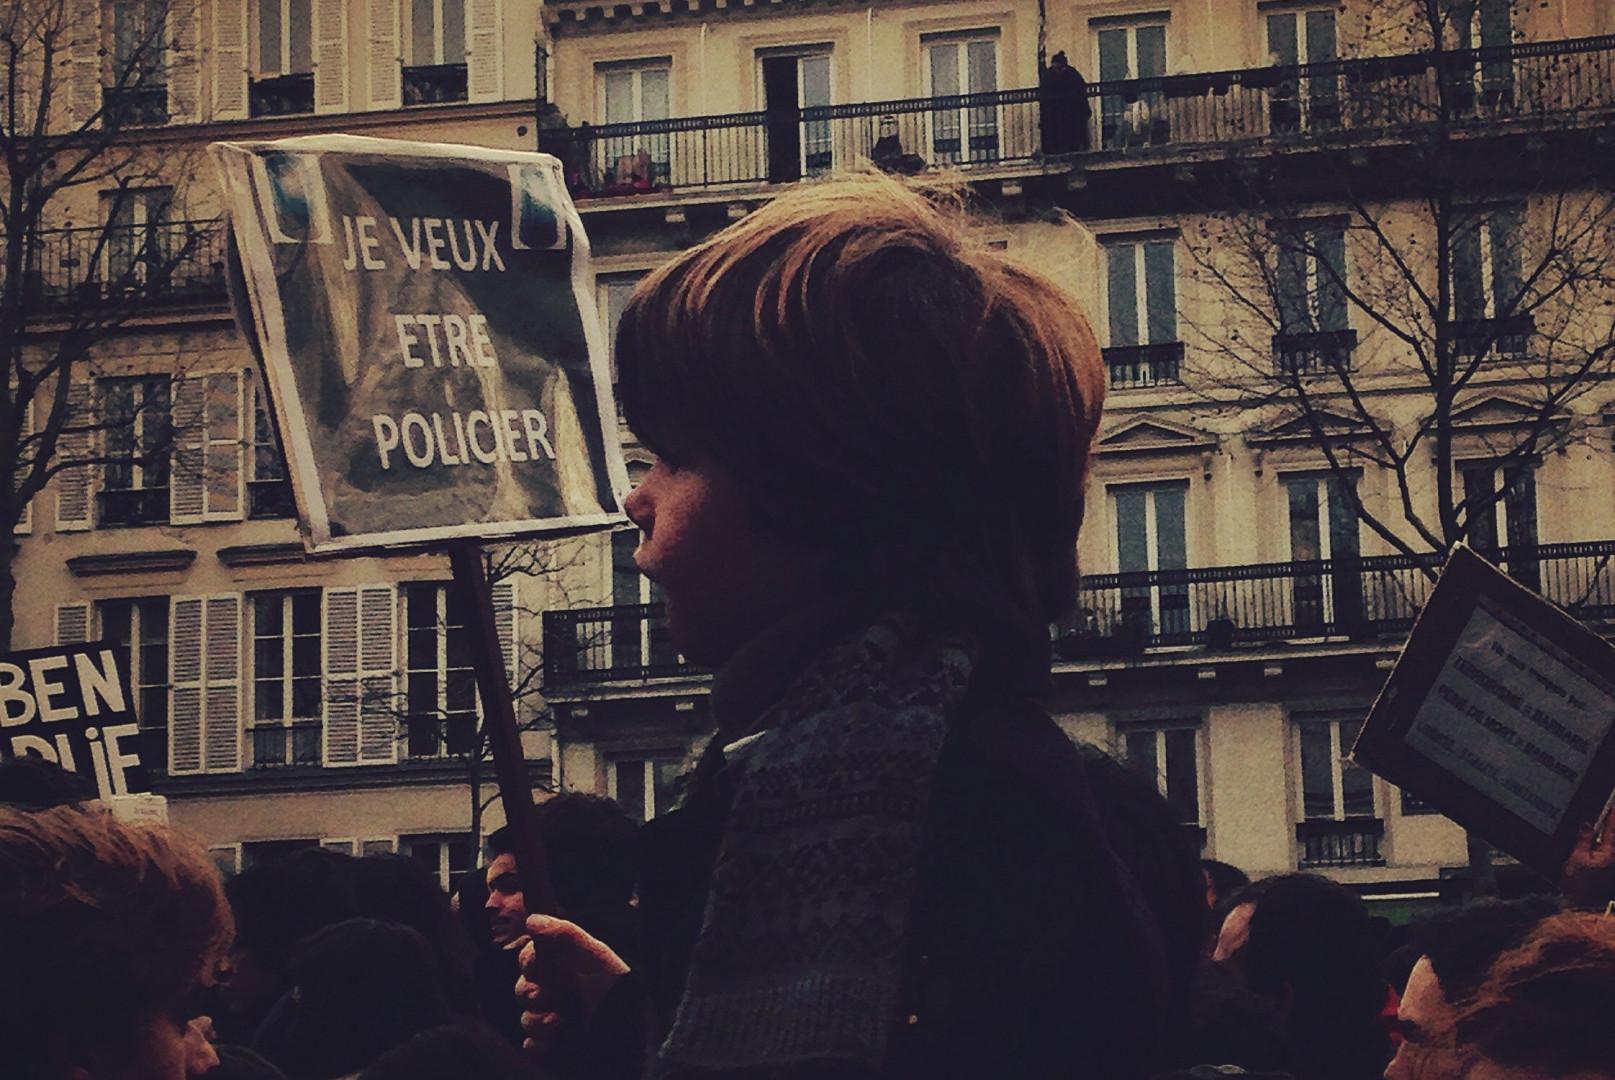 """""""Je veux être policier"""" à Paris"""